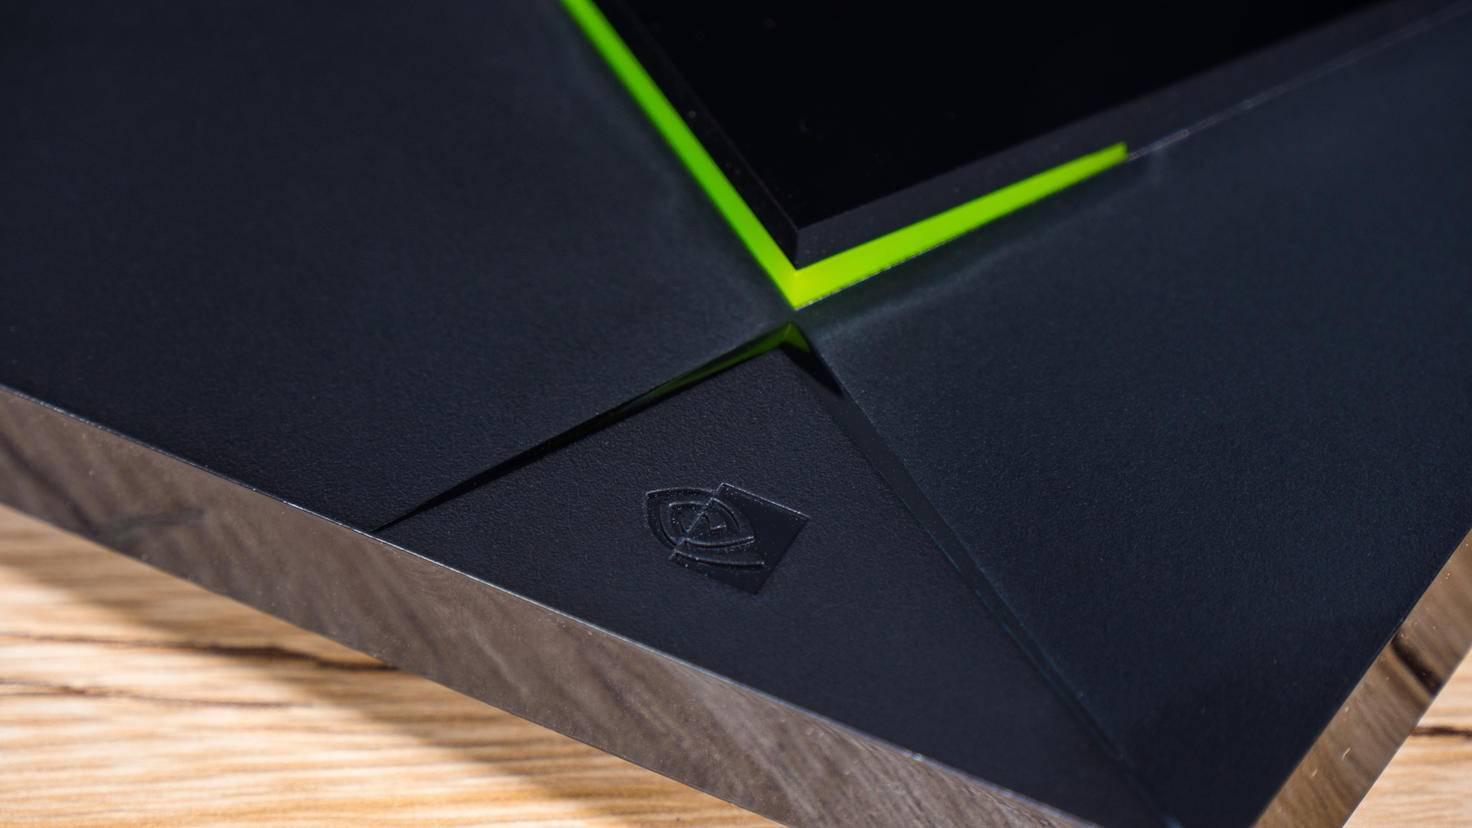 Bei der Materialwahl beschränkt sich der Hersteller auf Kunststoff.